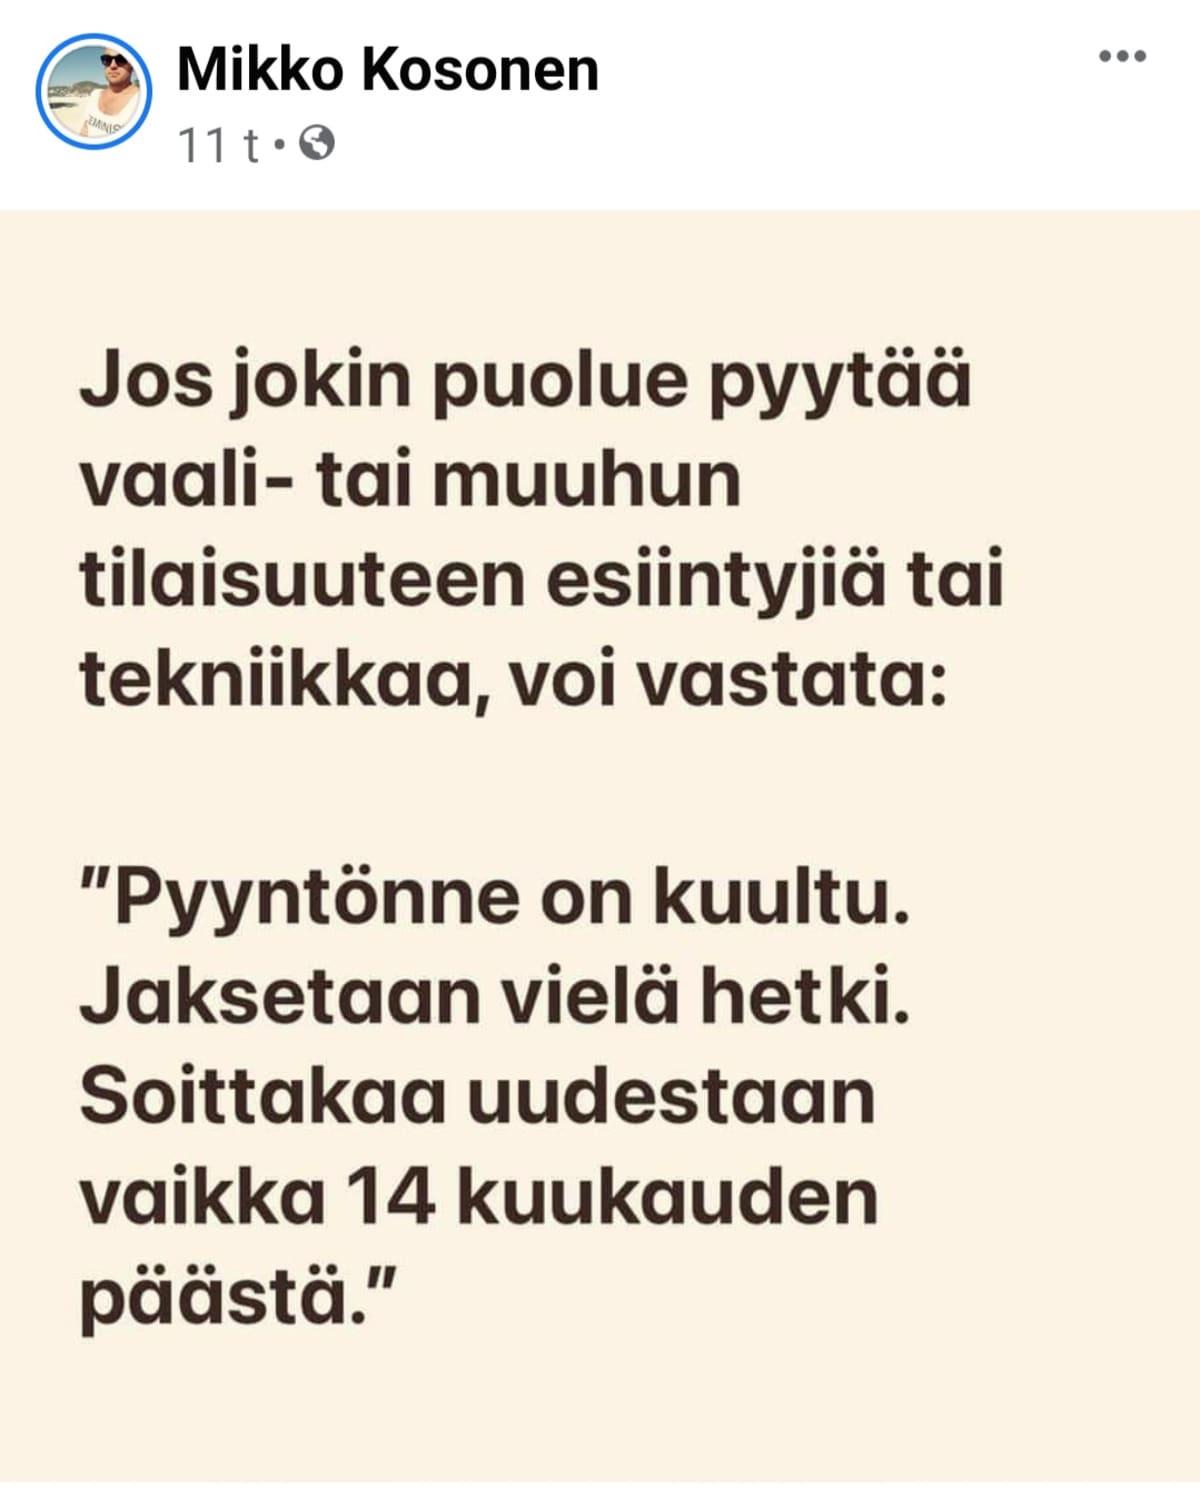 """Mikko Kosonen Facebookissa Jos joki puolue pyytää vaali- tai muuhun tilaisuuteen esiintyjiä tai tekniikkaa, voi vastata: """"Pyyntönne on kuultu. Jaksetaan vielä hetki. Soittakaa uudestaan vaikka 14 kuukuden kuluttua."""